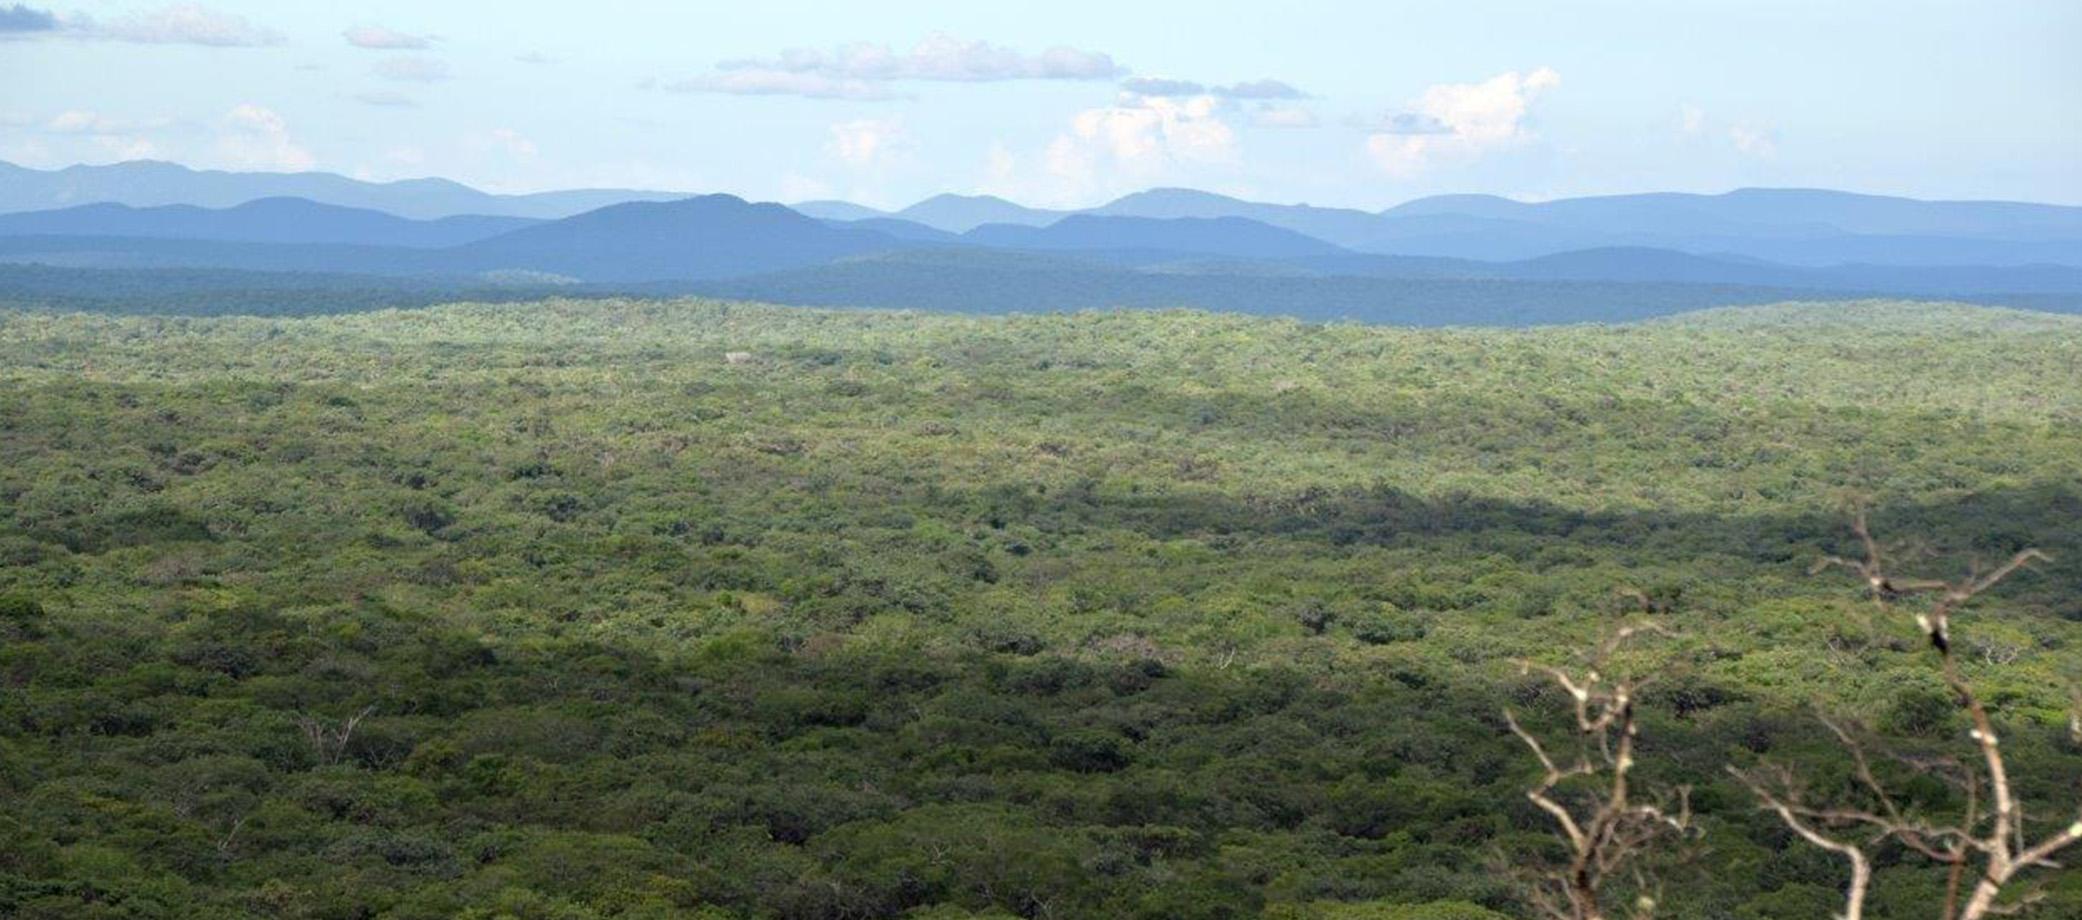 Zambia 2082x920 3